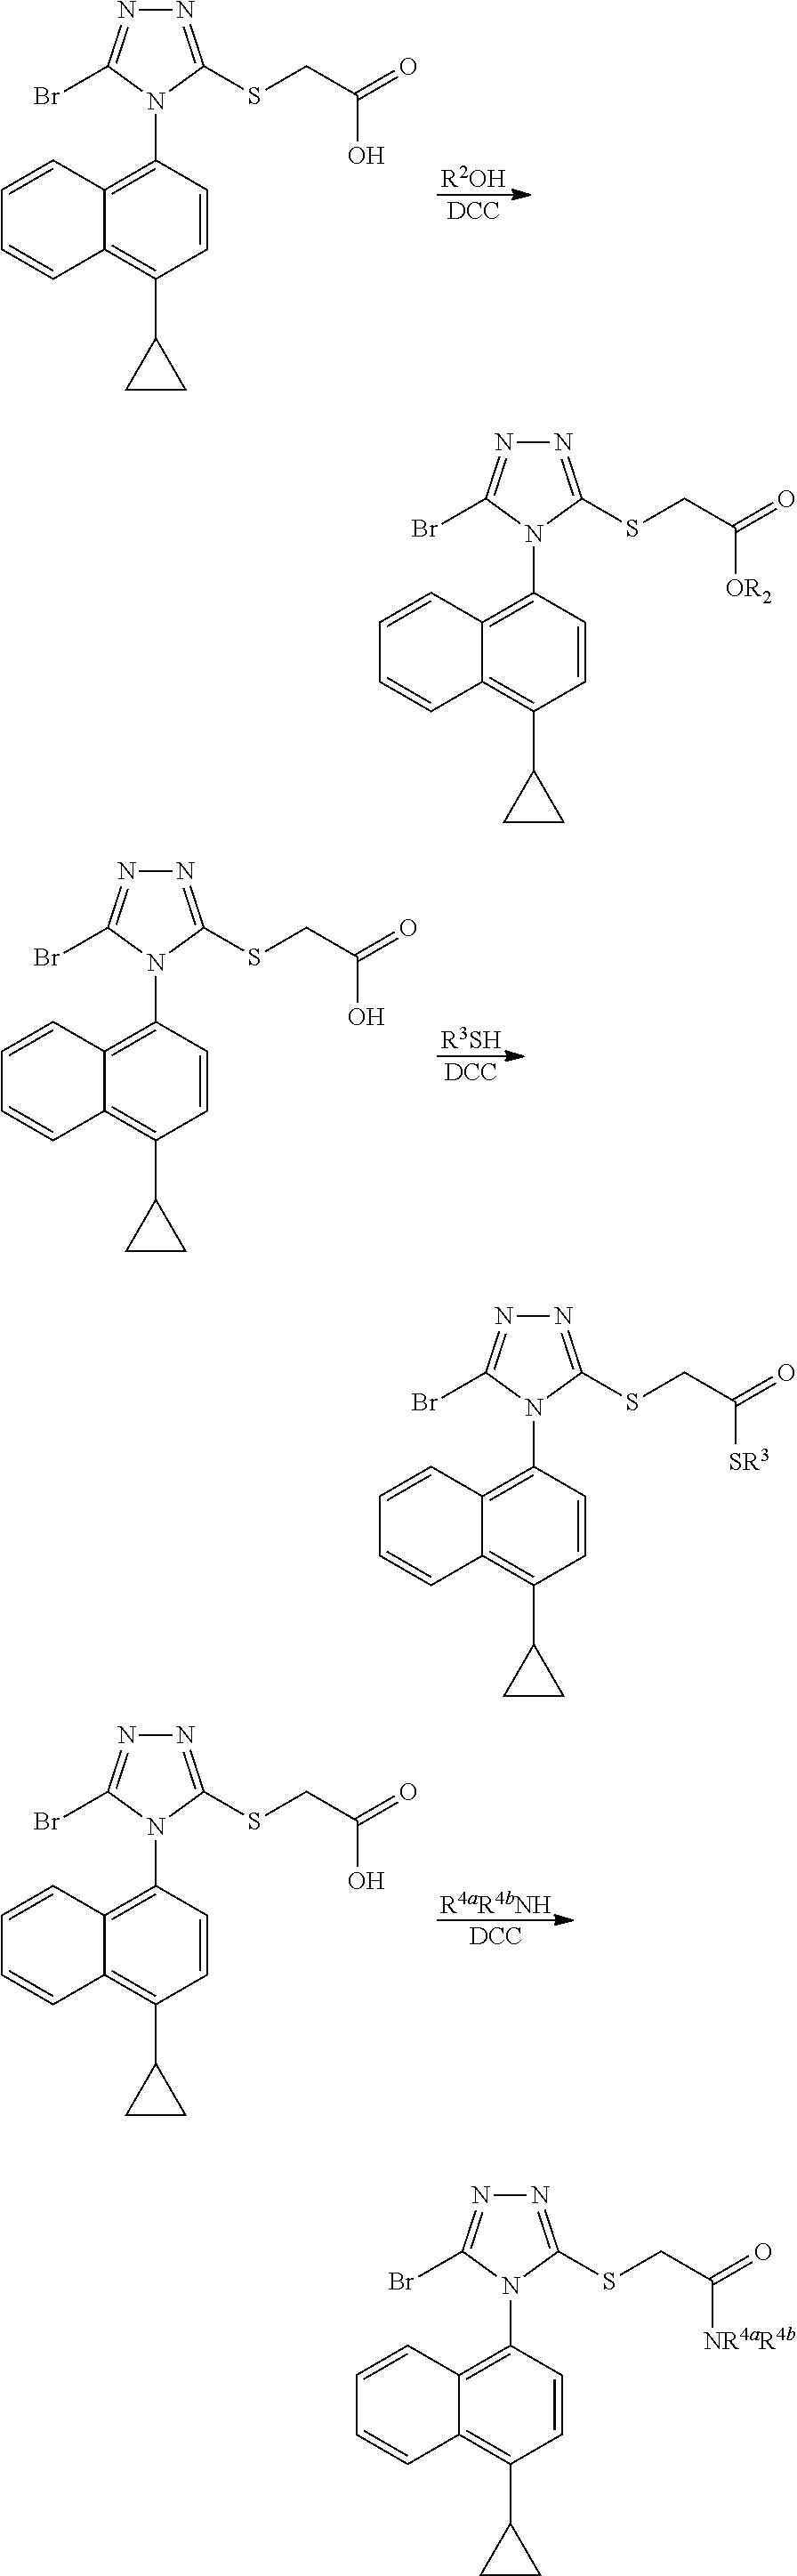 Figure US08283369-20121009-C00067